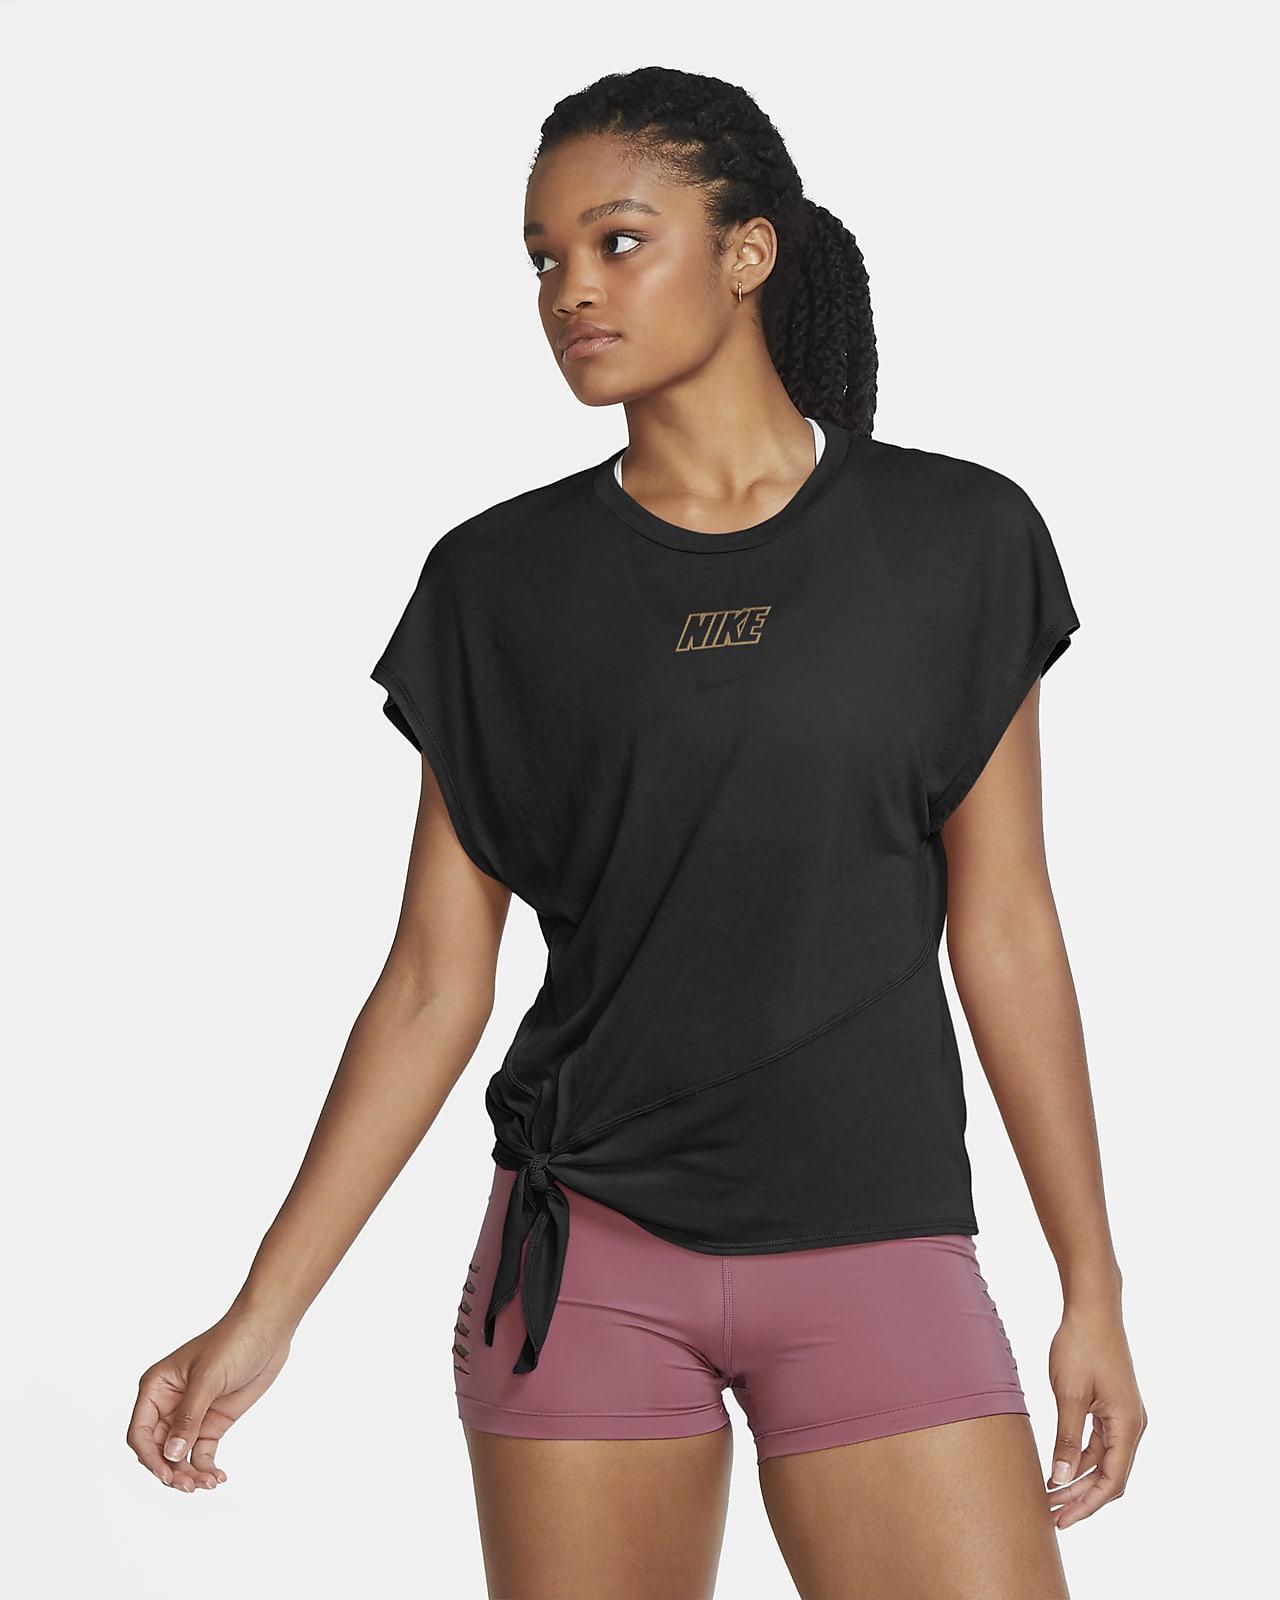 Dámský tréninkový top Nike Dri-FIT s krátkým rukávem